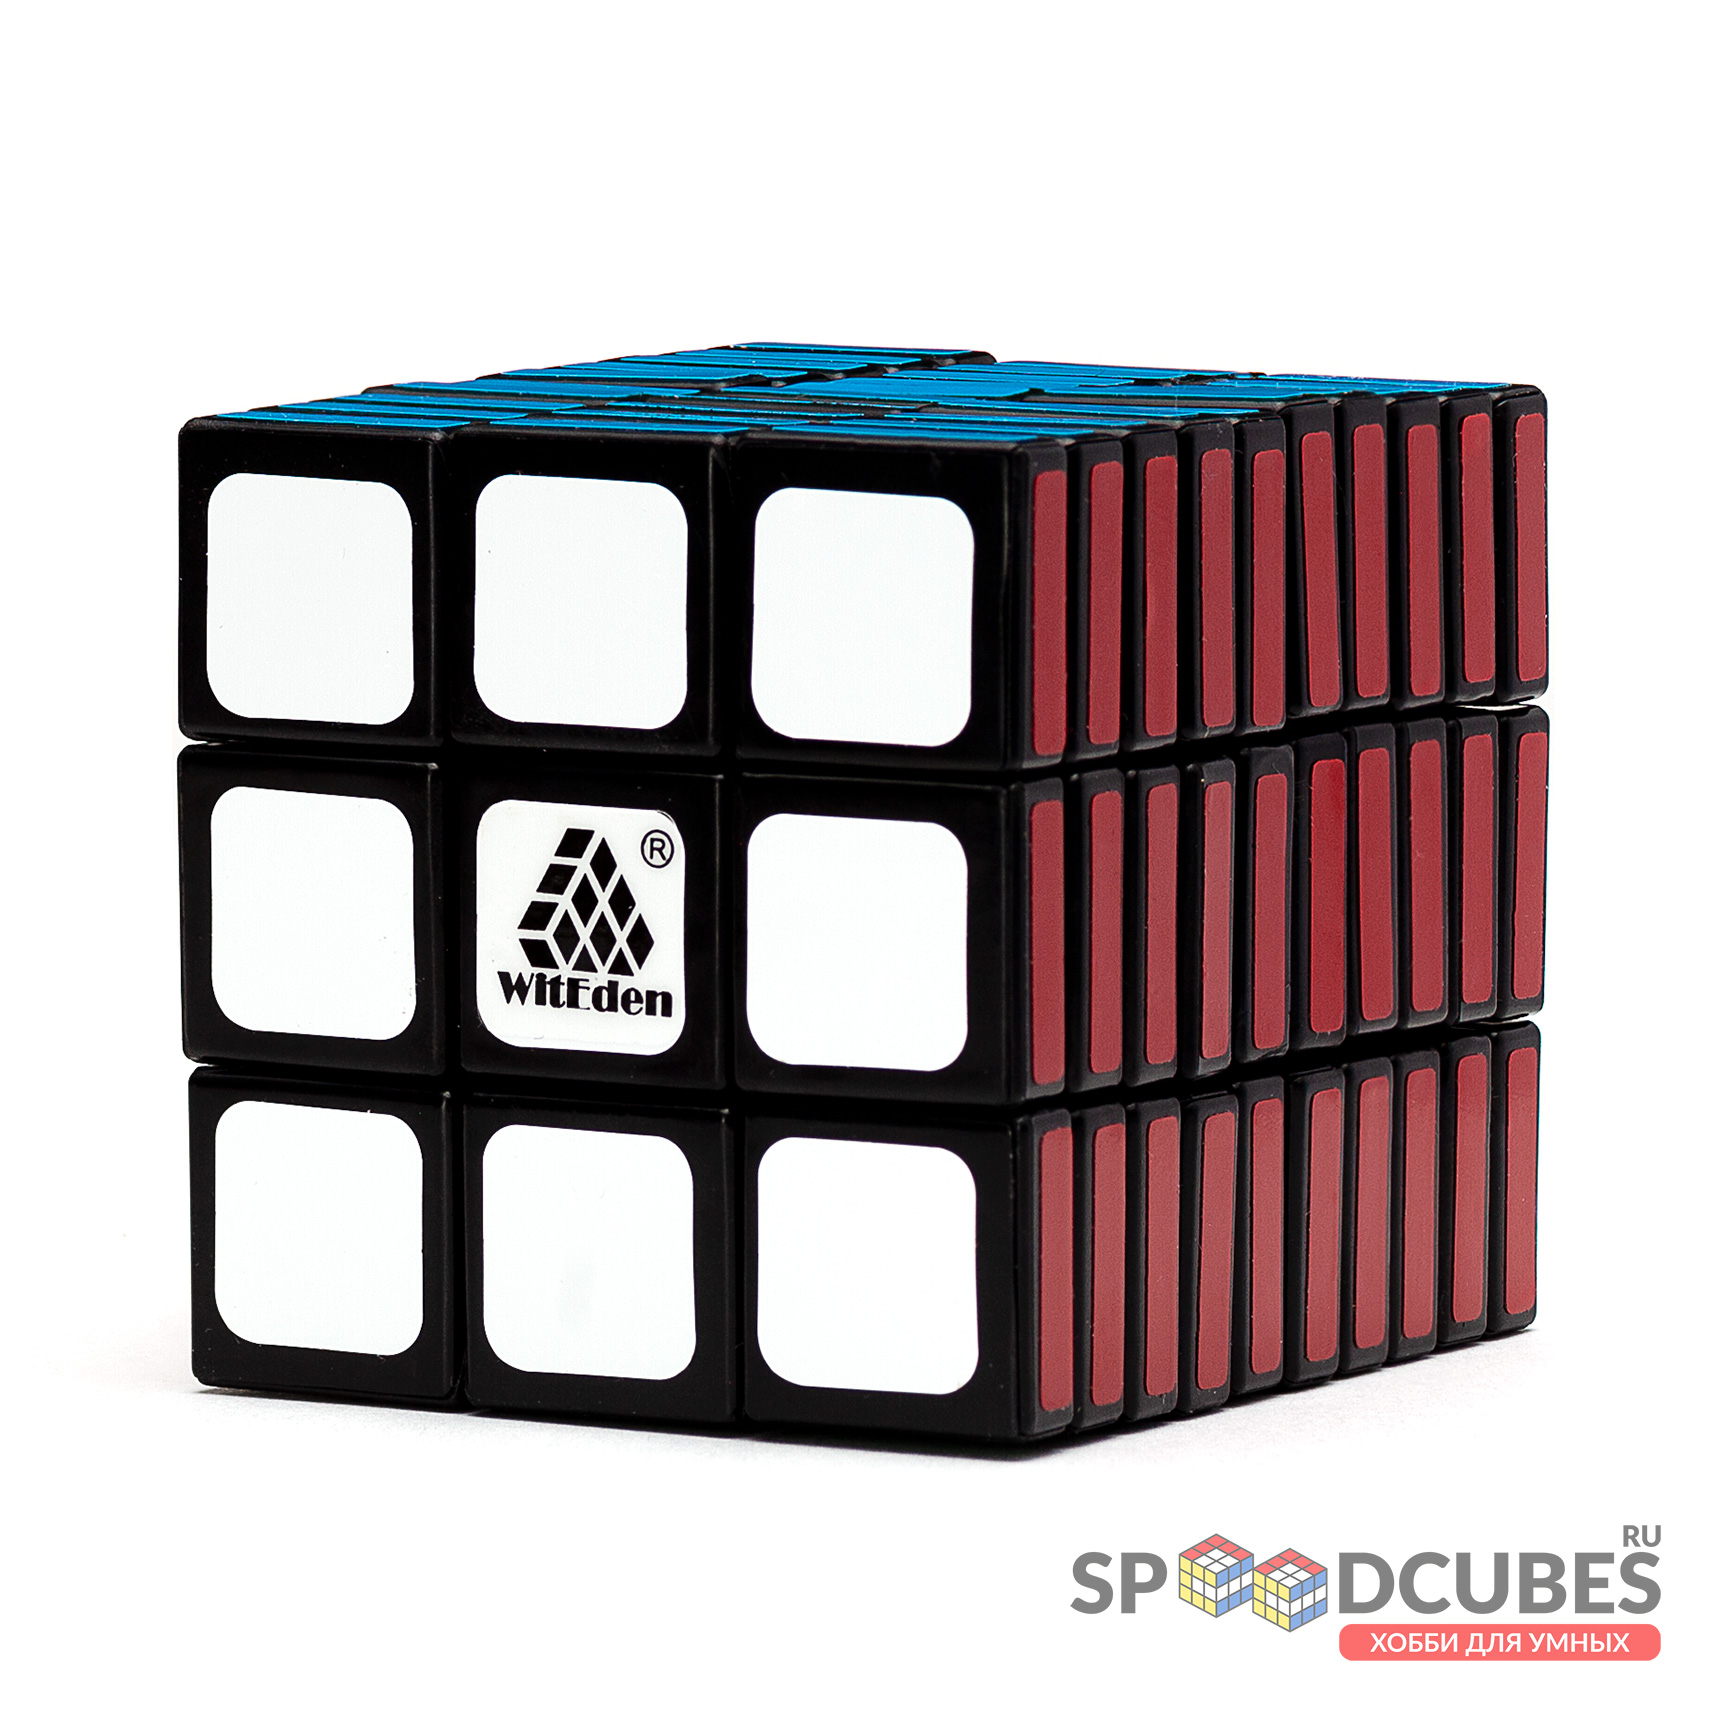 Witeden 3x3x10 I